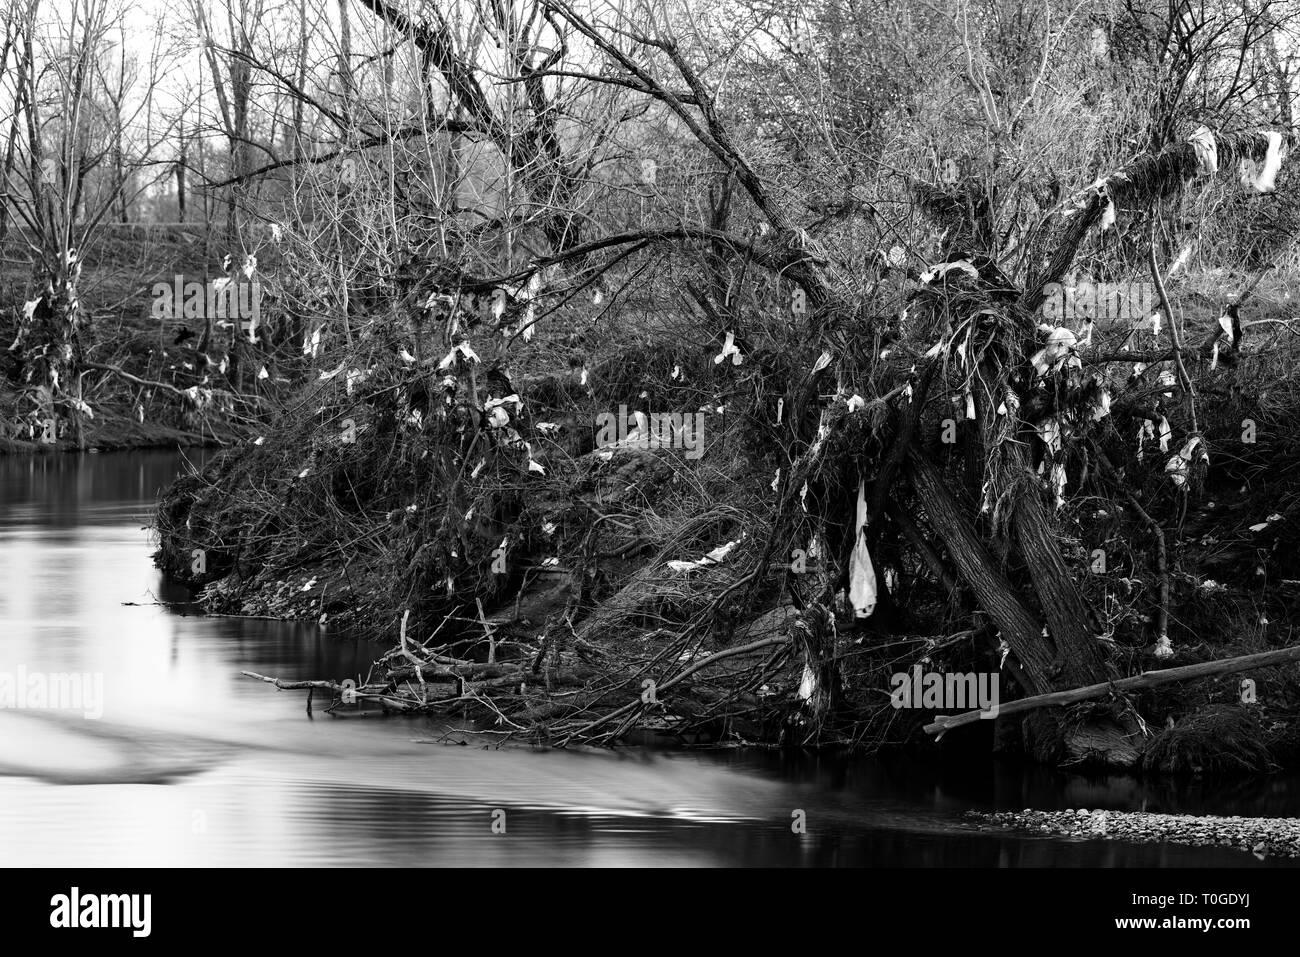 La contaminación de desechos plásticos en el banco del río de árboles Foto de stock